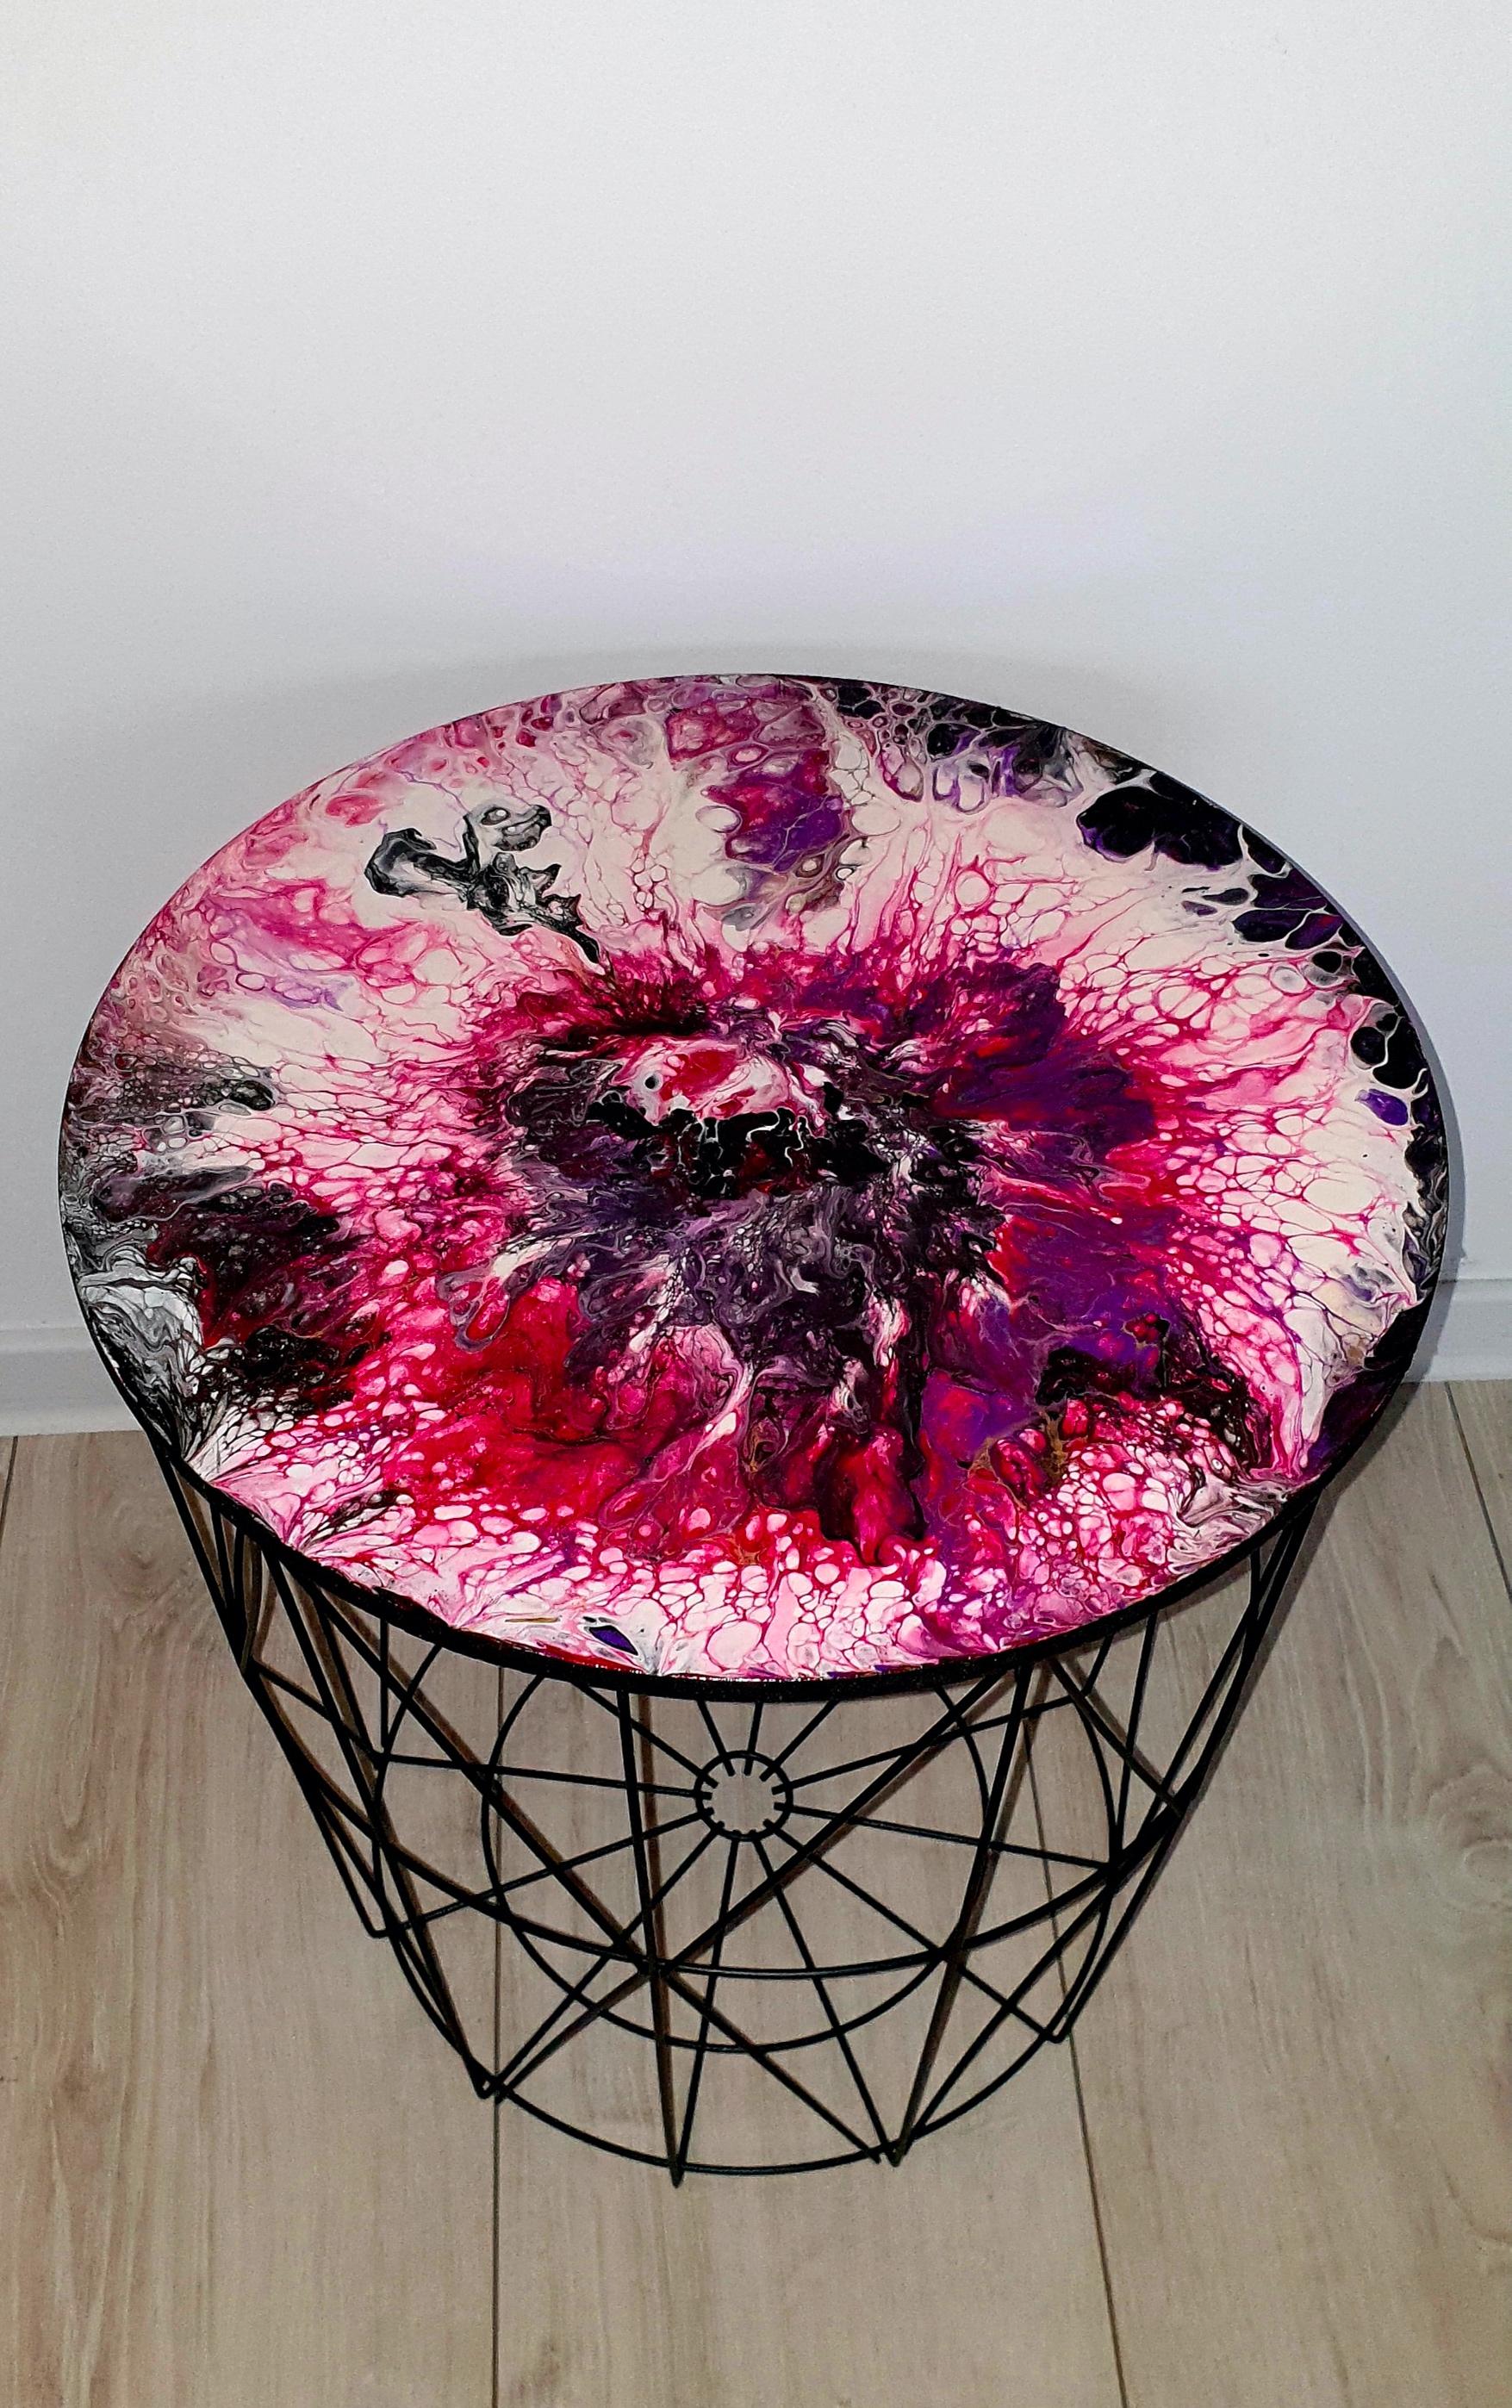 """Lekki, nowoczesny stolik. Blat stolika z akrylowym obrazem 40cm pt. """"Piwonia"""" (2020)"""